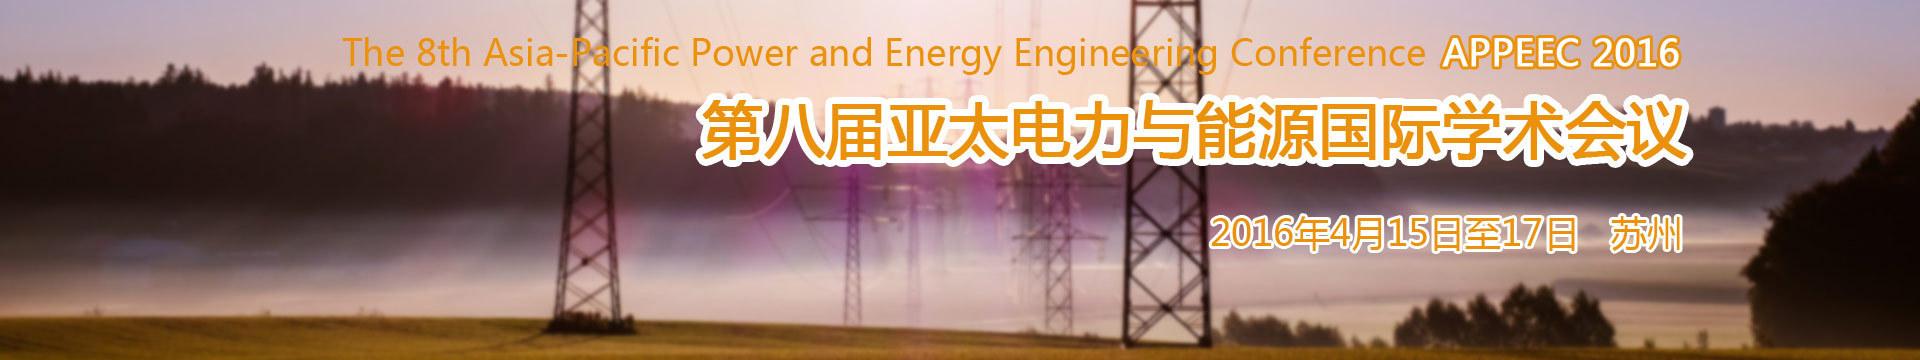 第八届亚太电力与能源国际学术会议(APPEEC 2016)